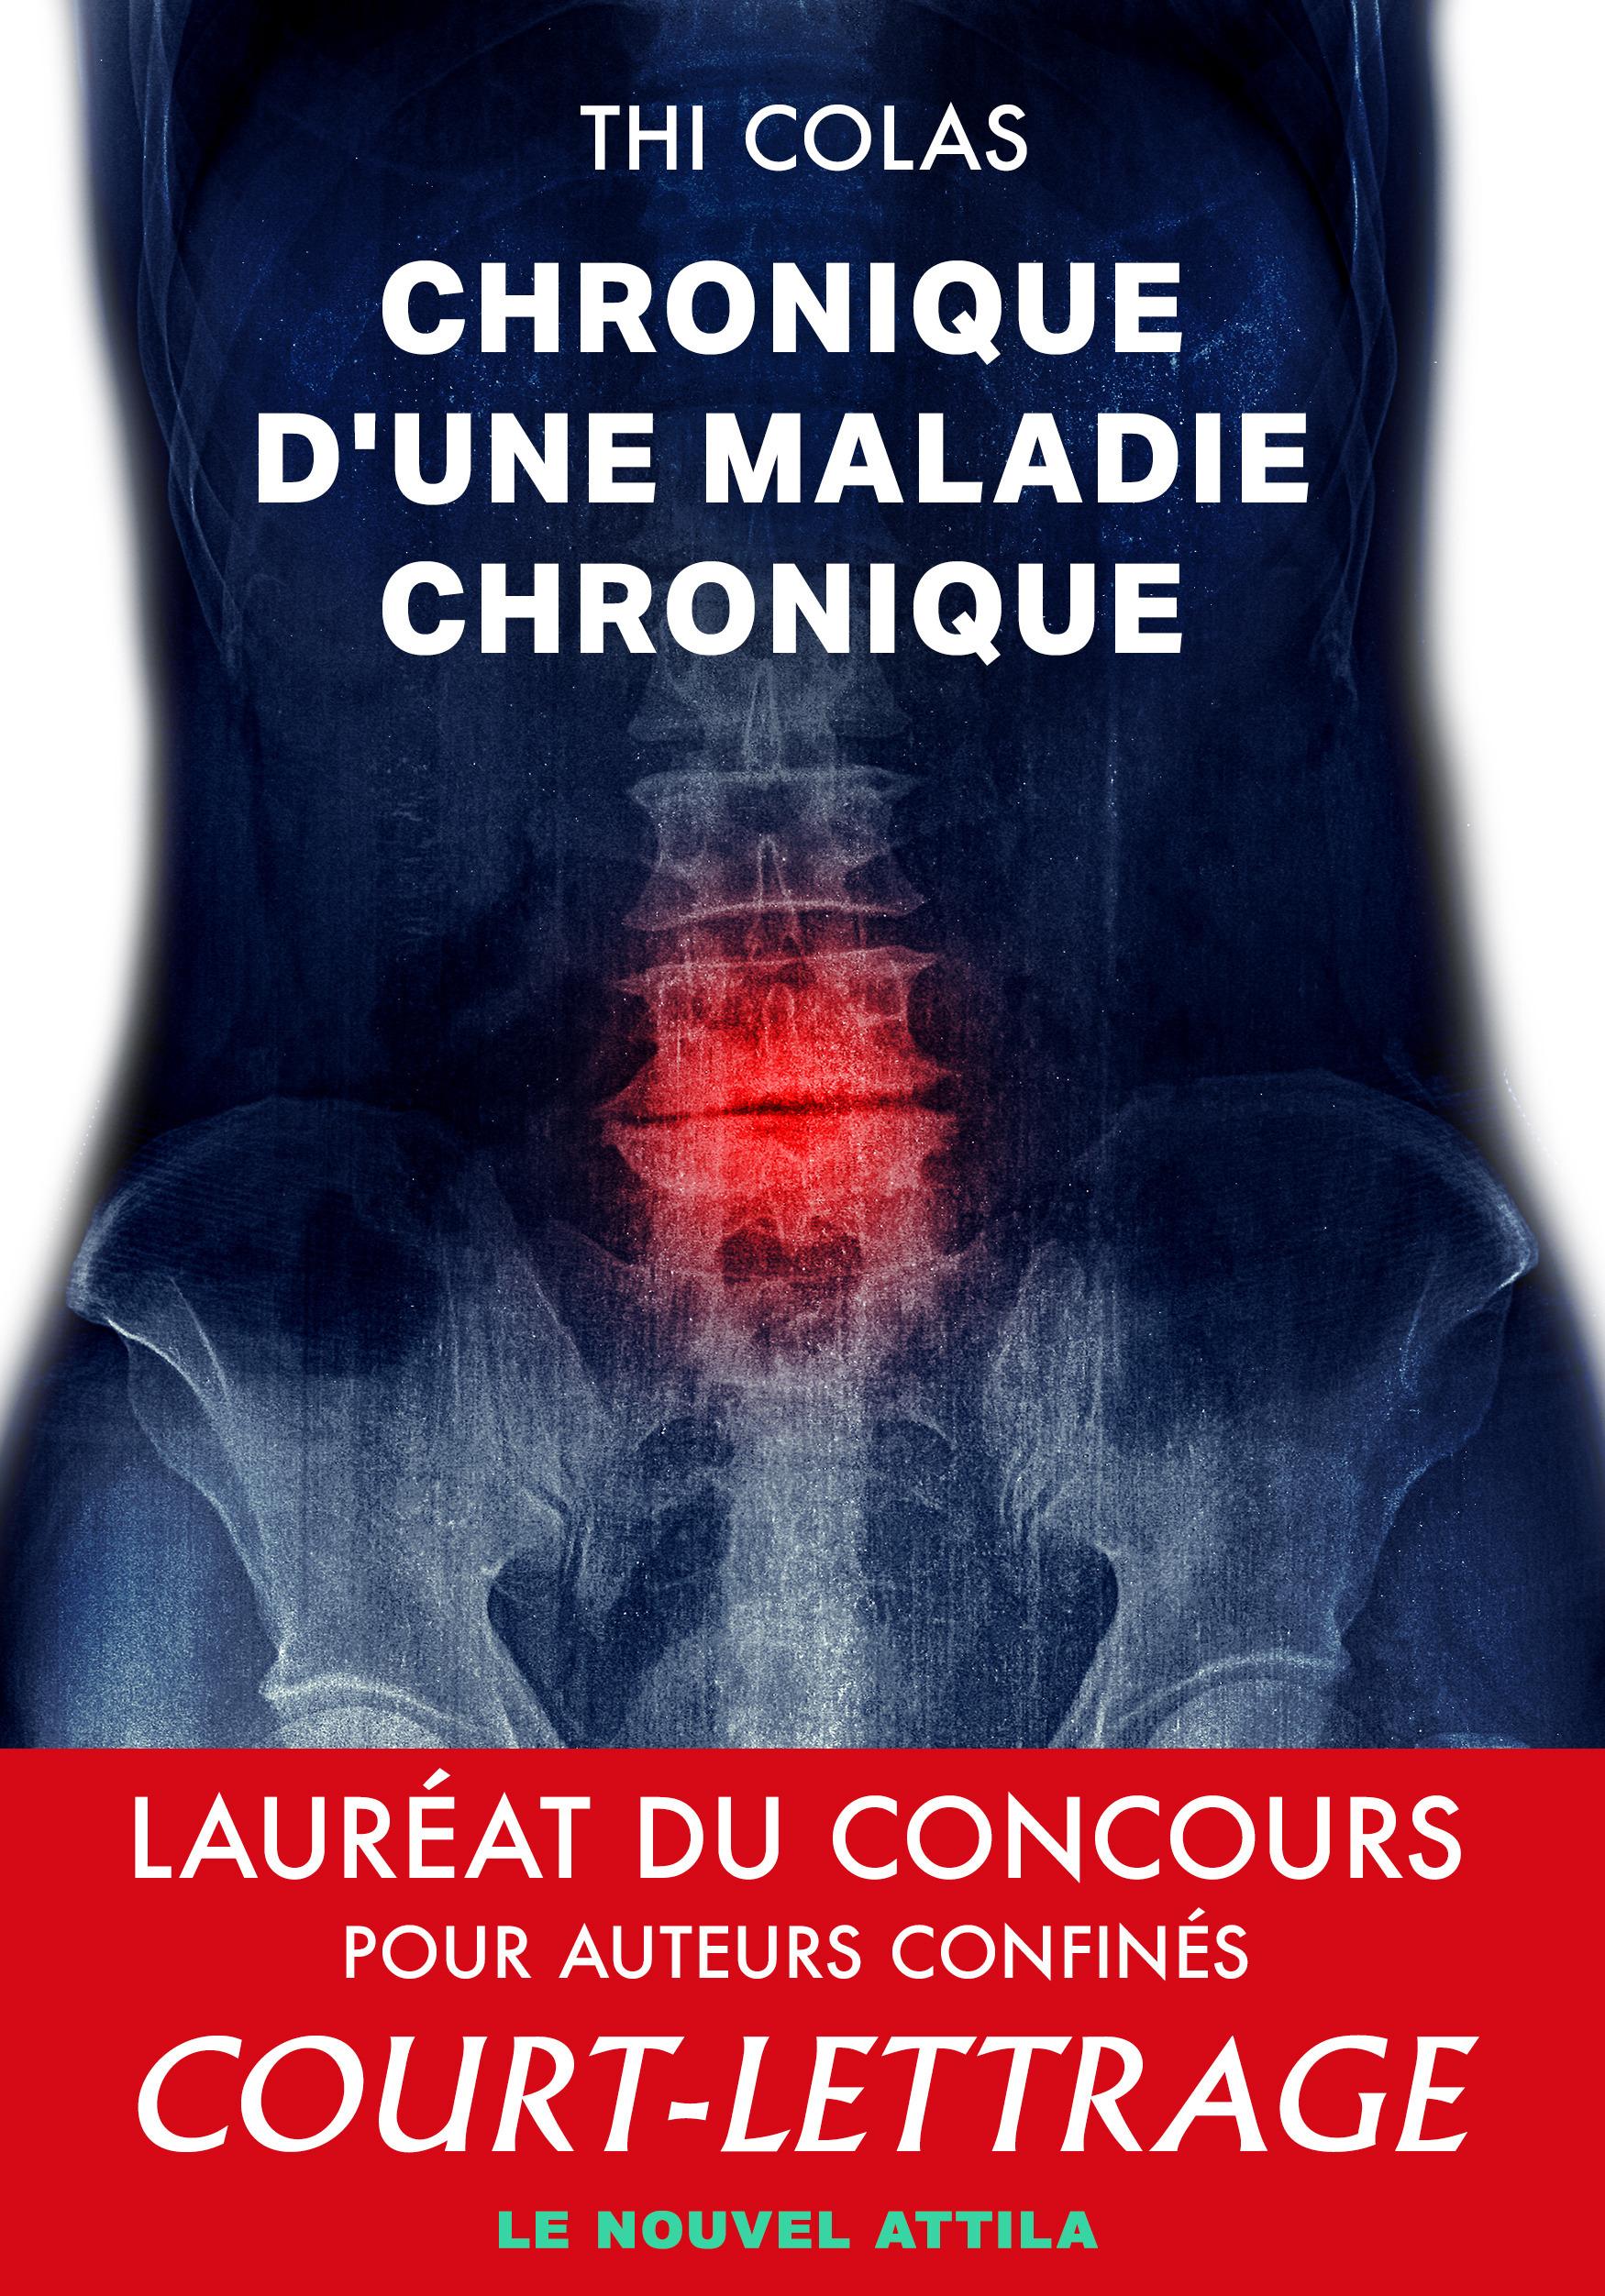 Chronique d'une maladie chronique